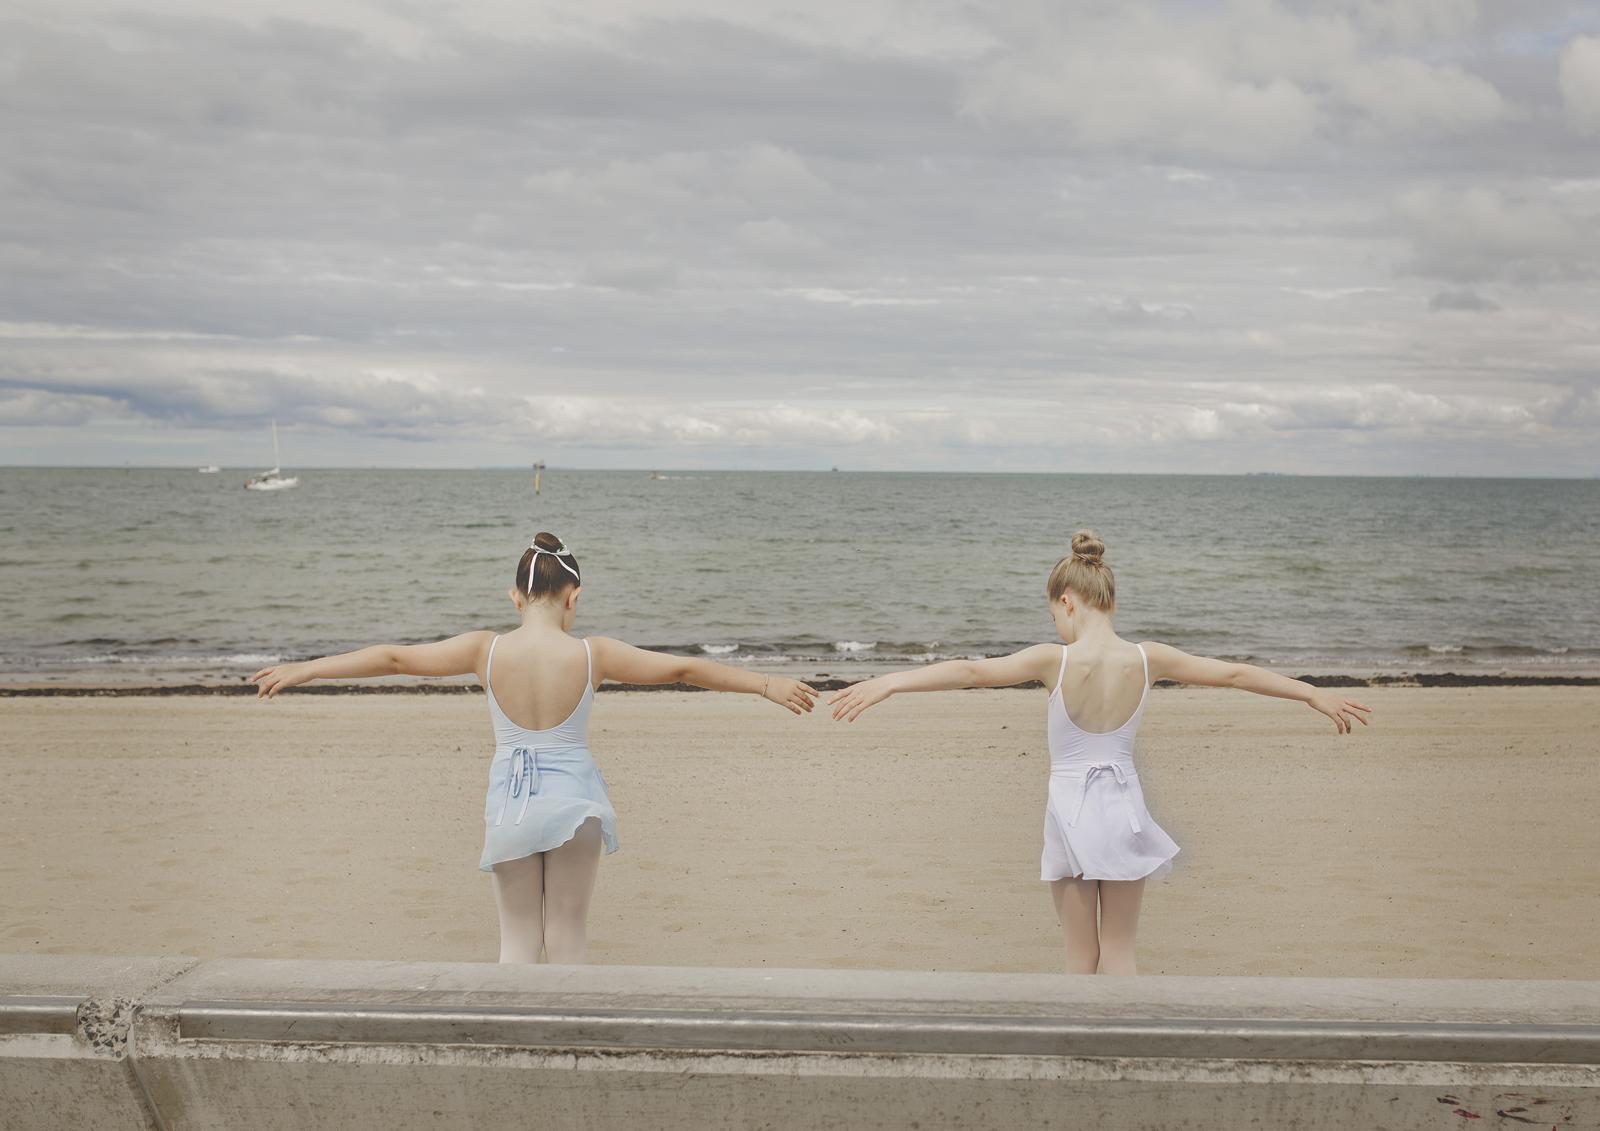 Children rehearsing Ballet at beach!